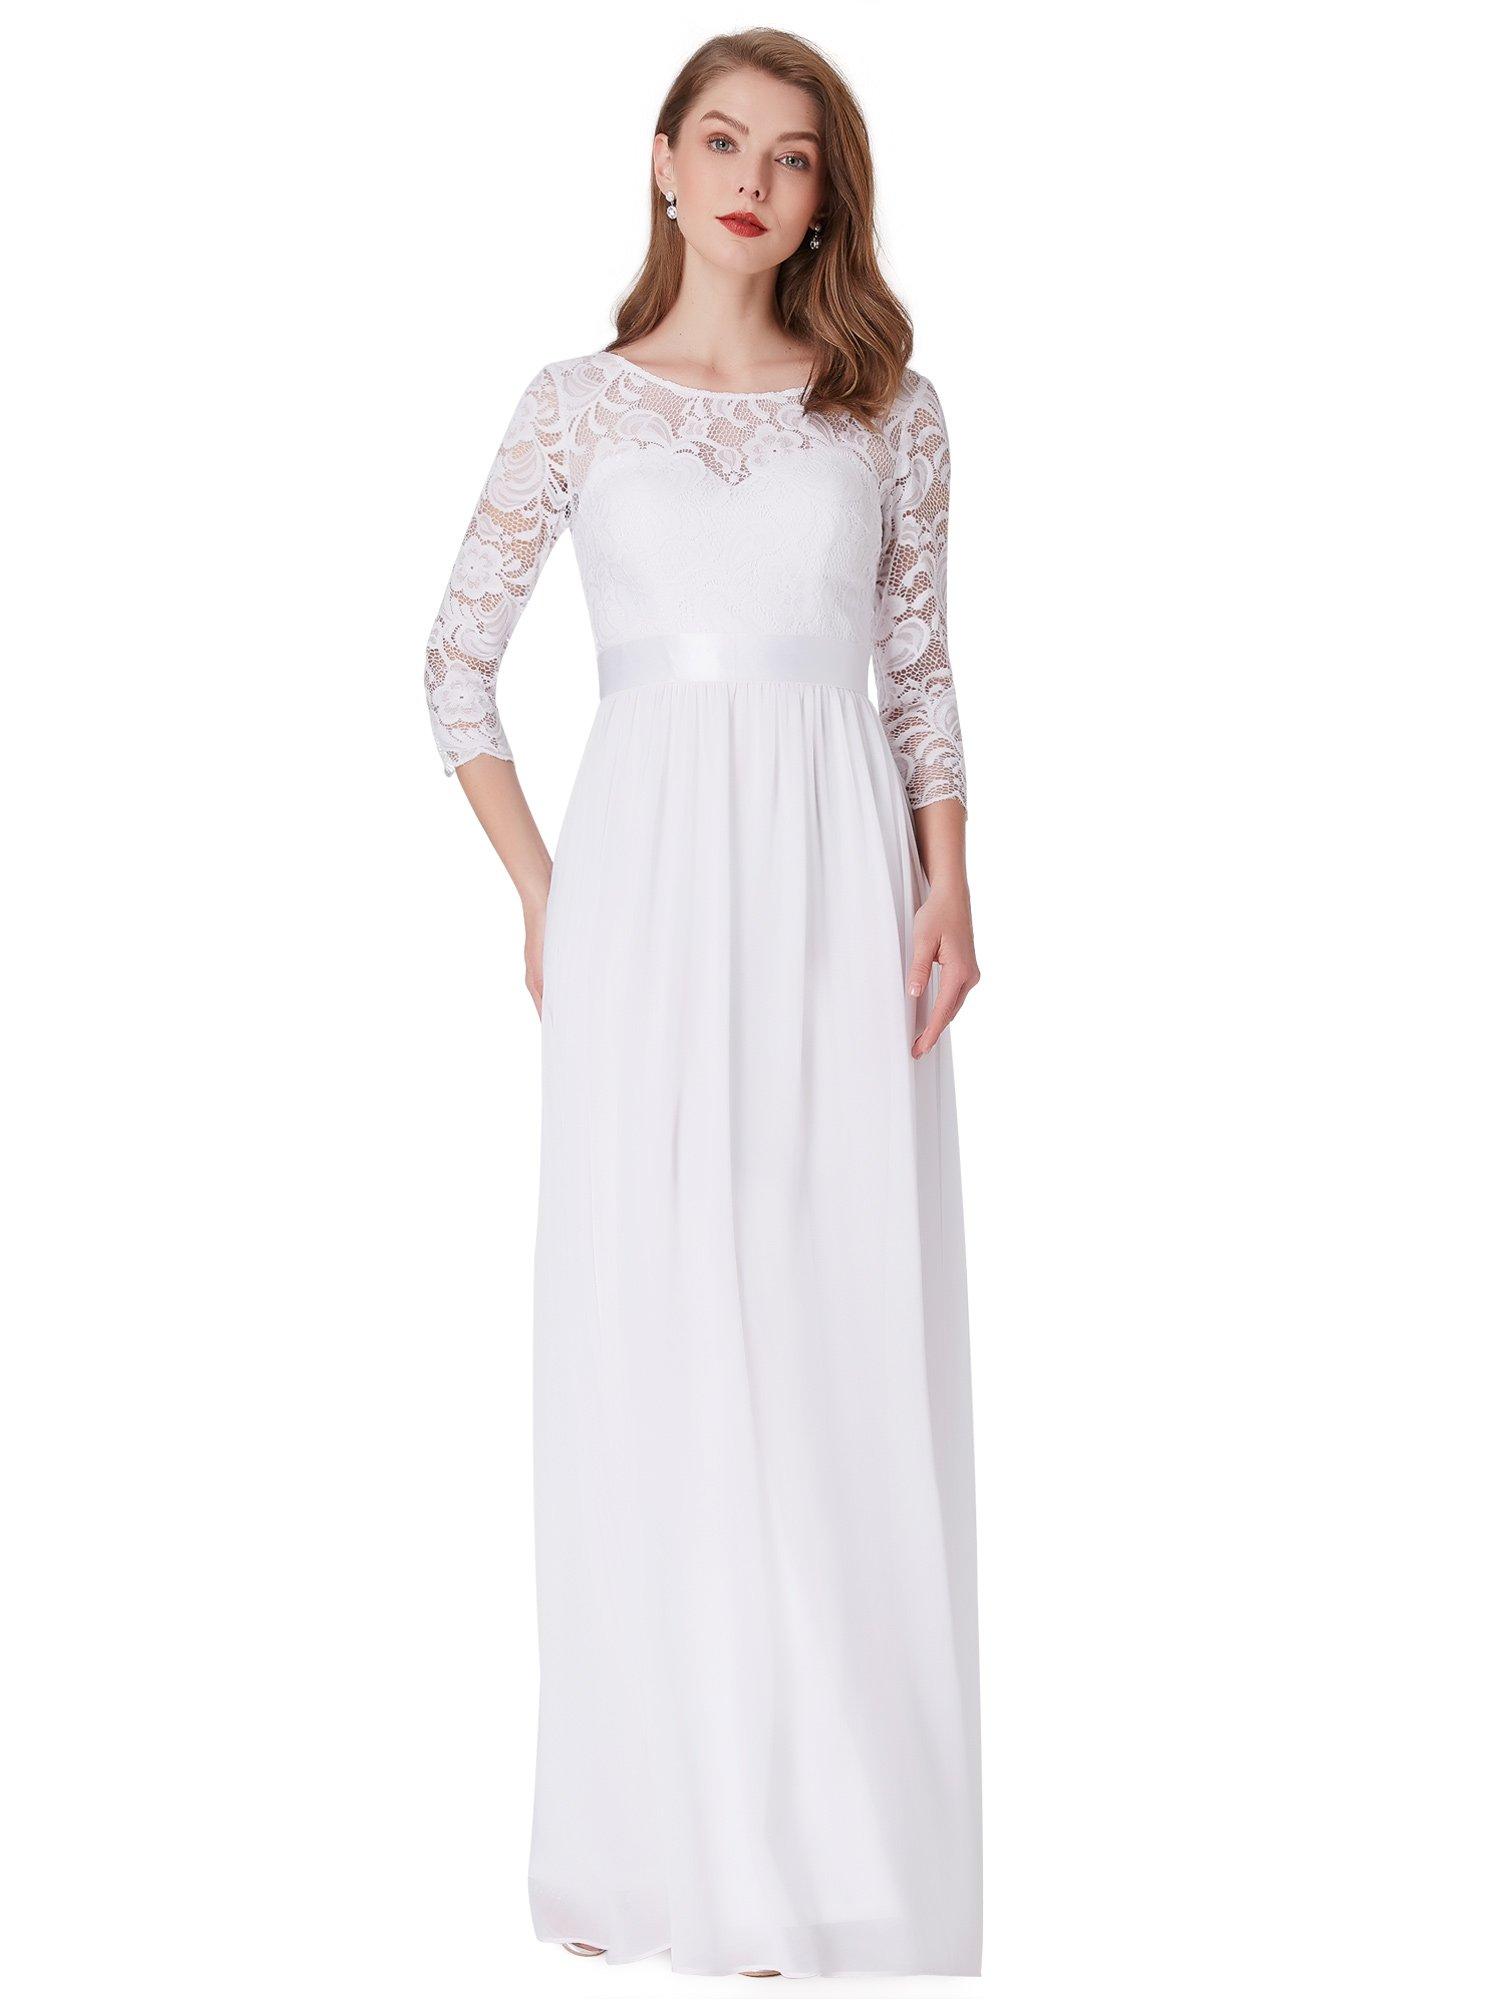 f7803fb6a2286 Ever-Pretty Robe de Soirée Manches 3 4 en Dentelle Transparente 08412  product image